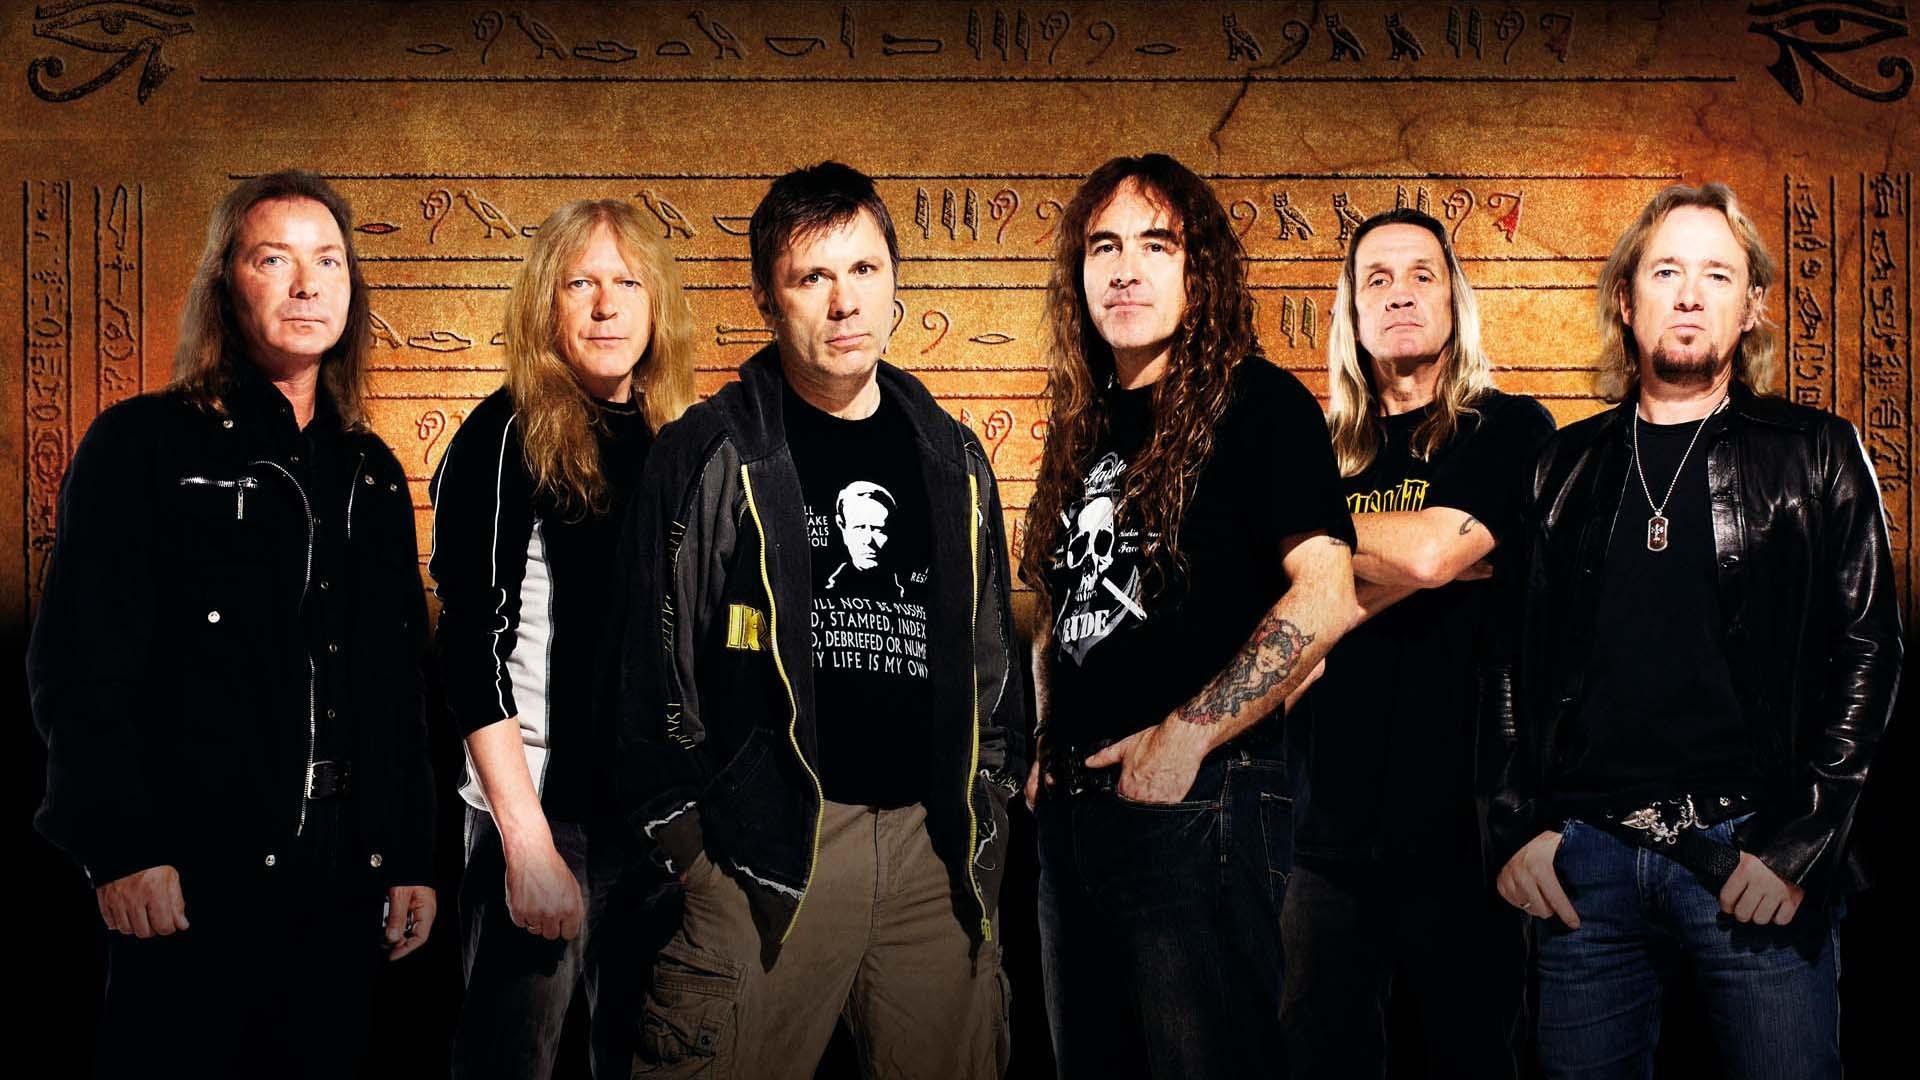 Iron Maiden Hd